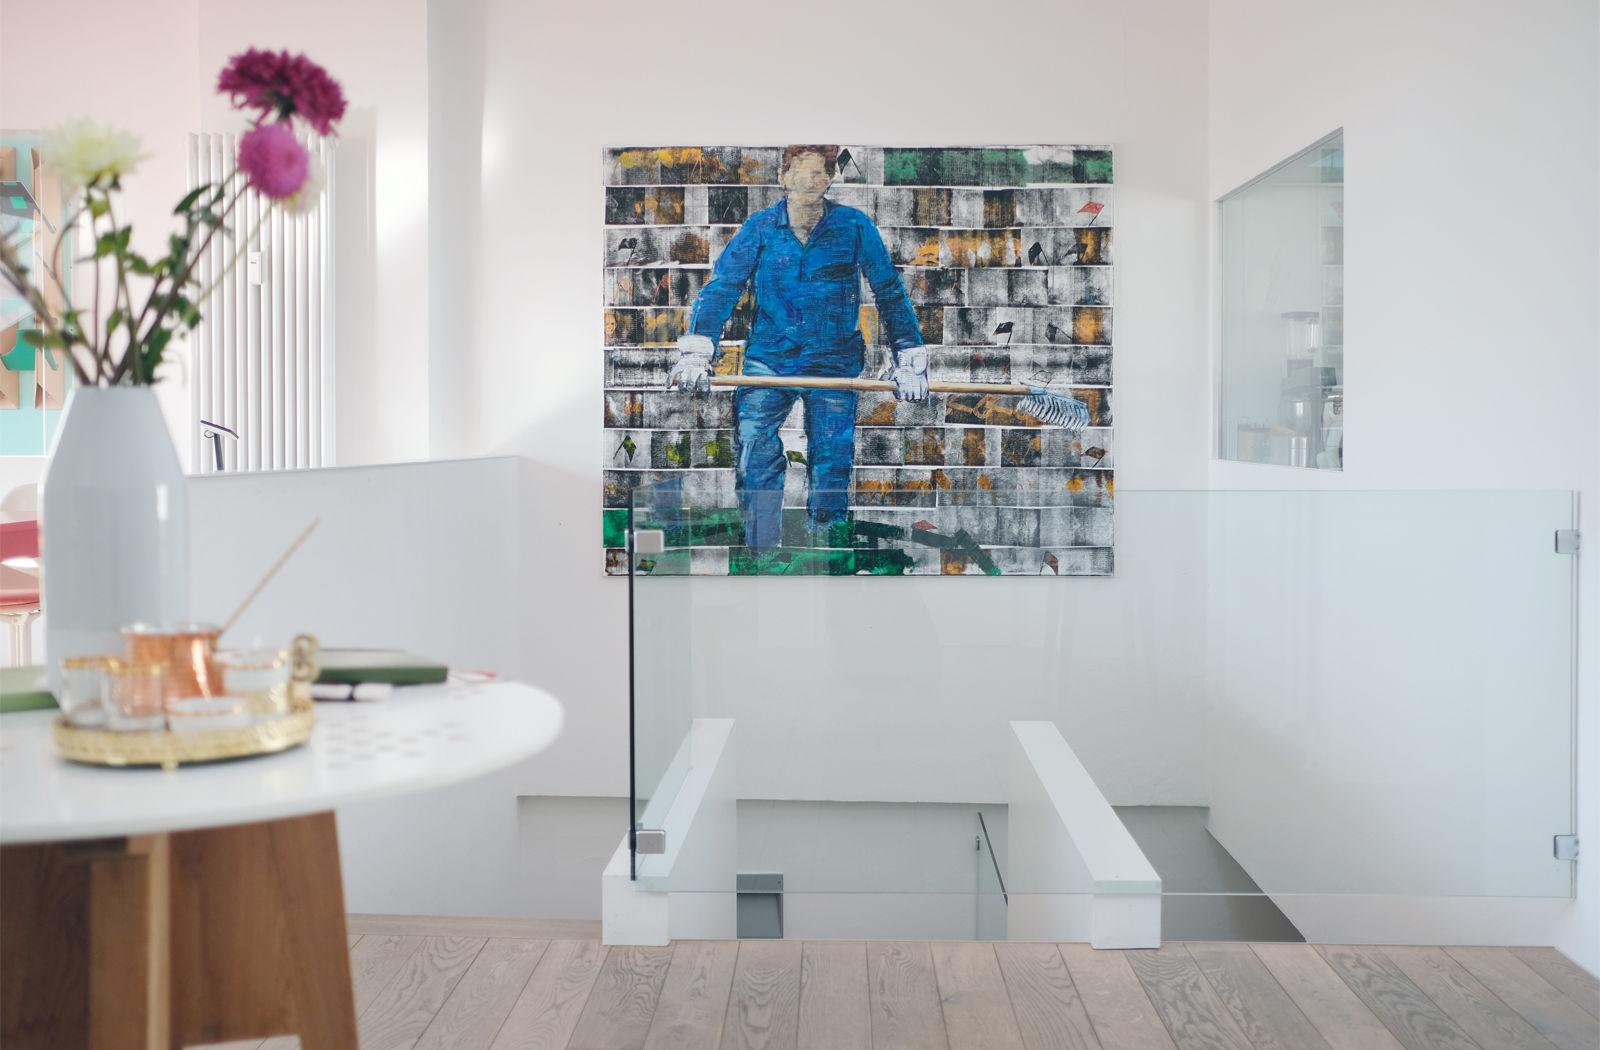 Wohnungen & Häuser - AnneLiWest|Berlin